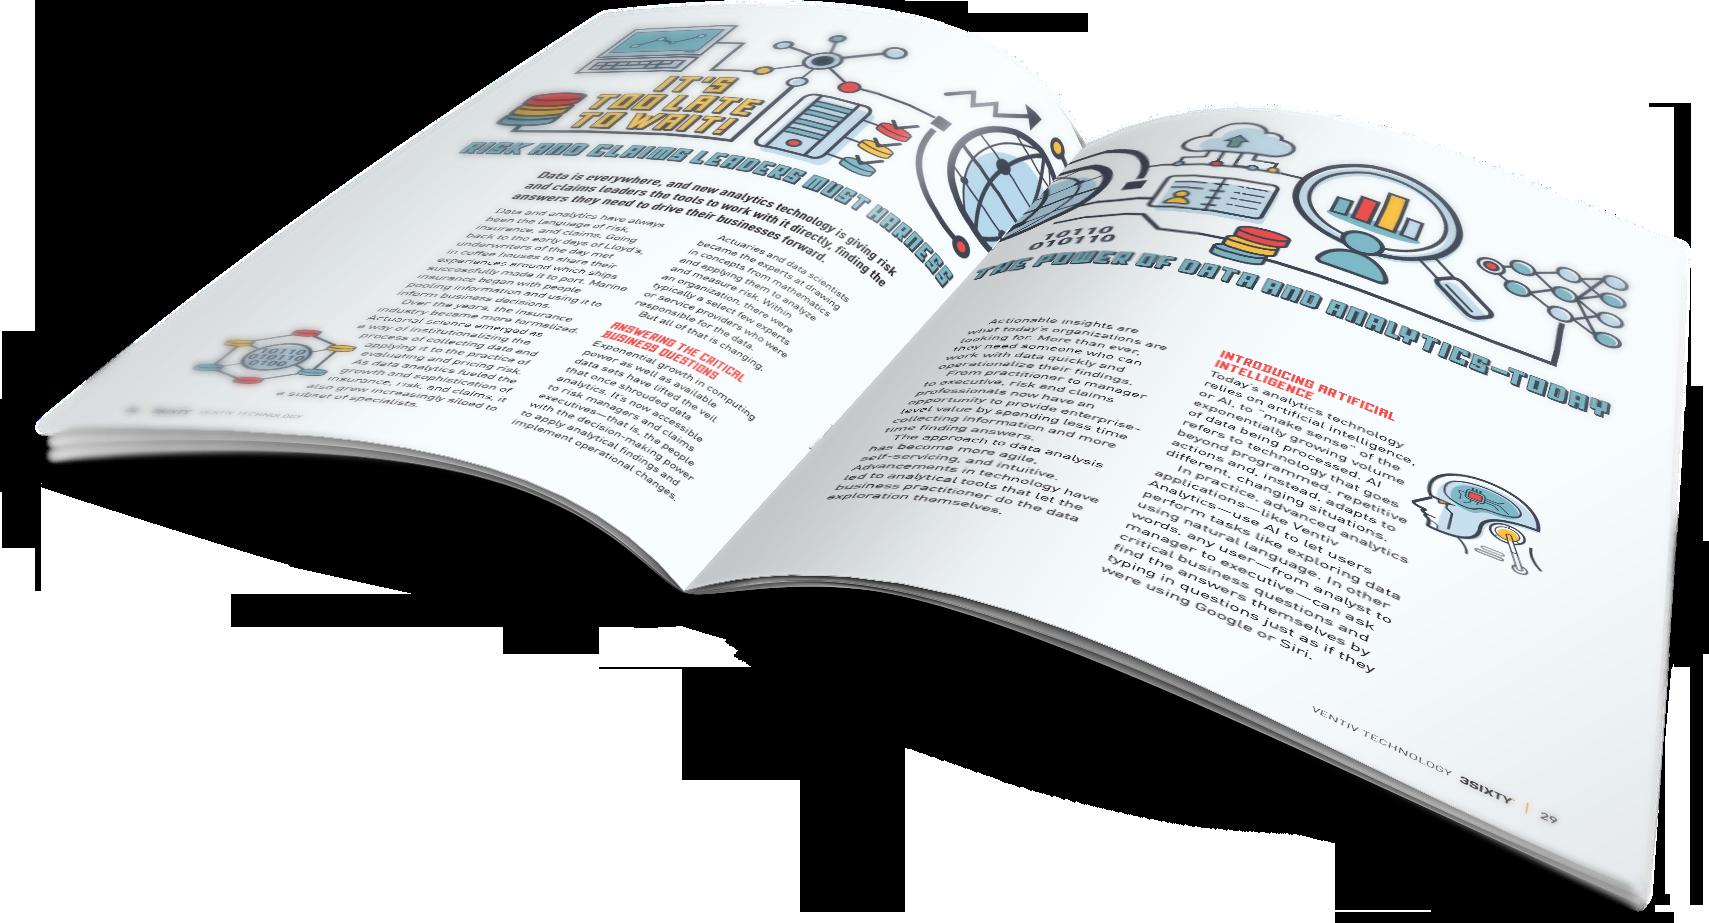 3SIXTYº Magazine - Analytics